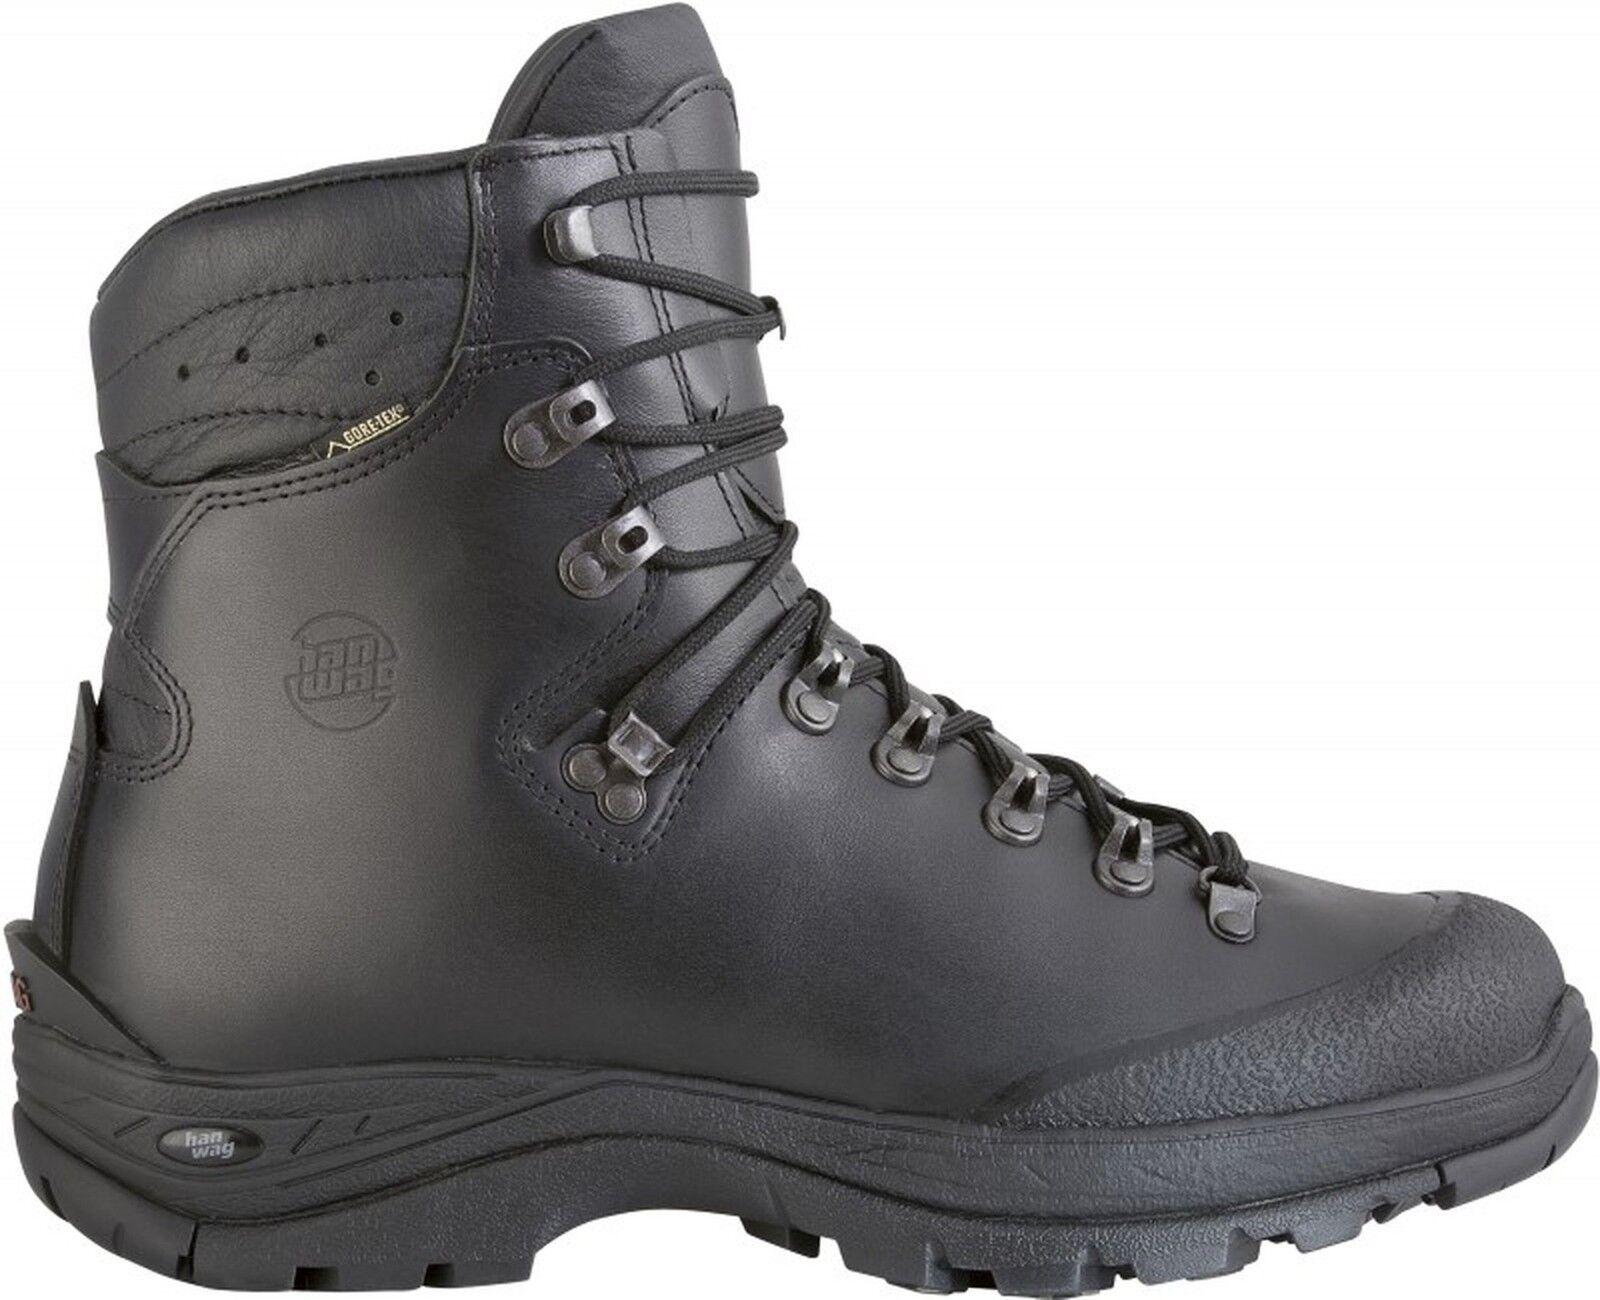 Hanwag Bergschuhe Alaska Winter GTX Men Größe 10 - 44,5  schwarz